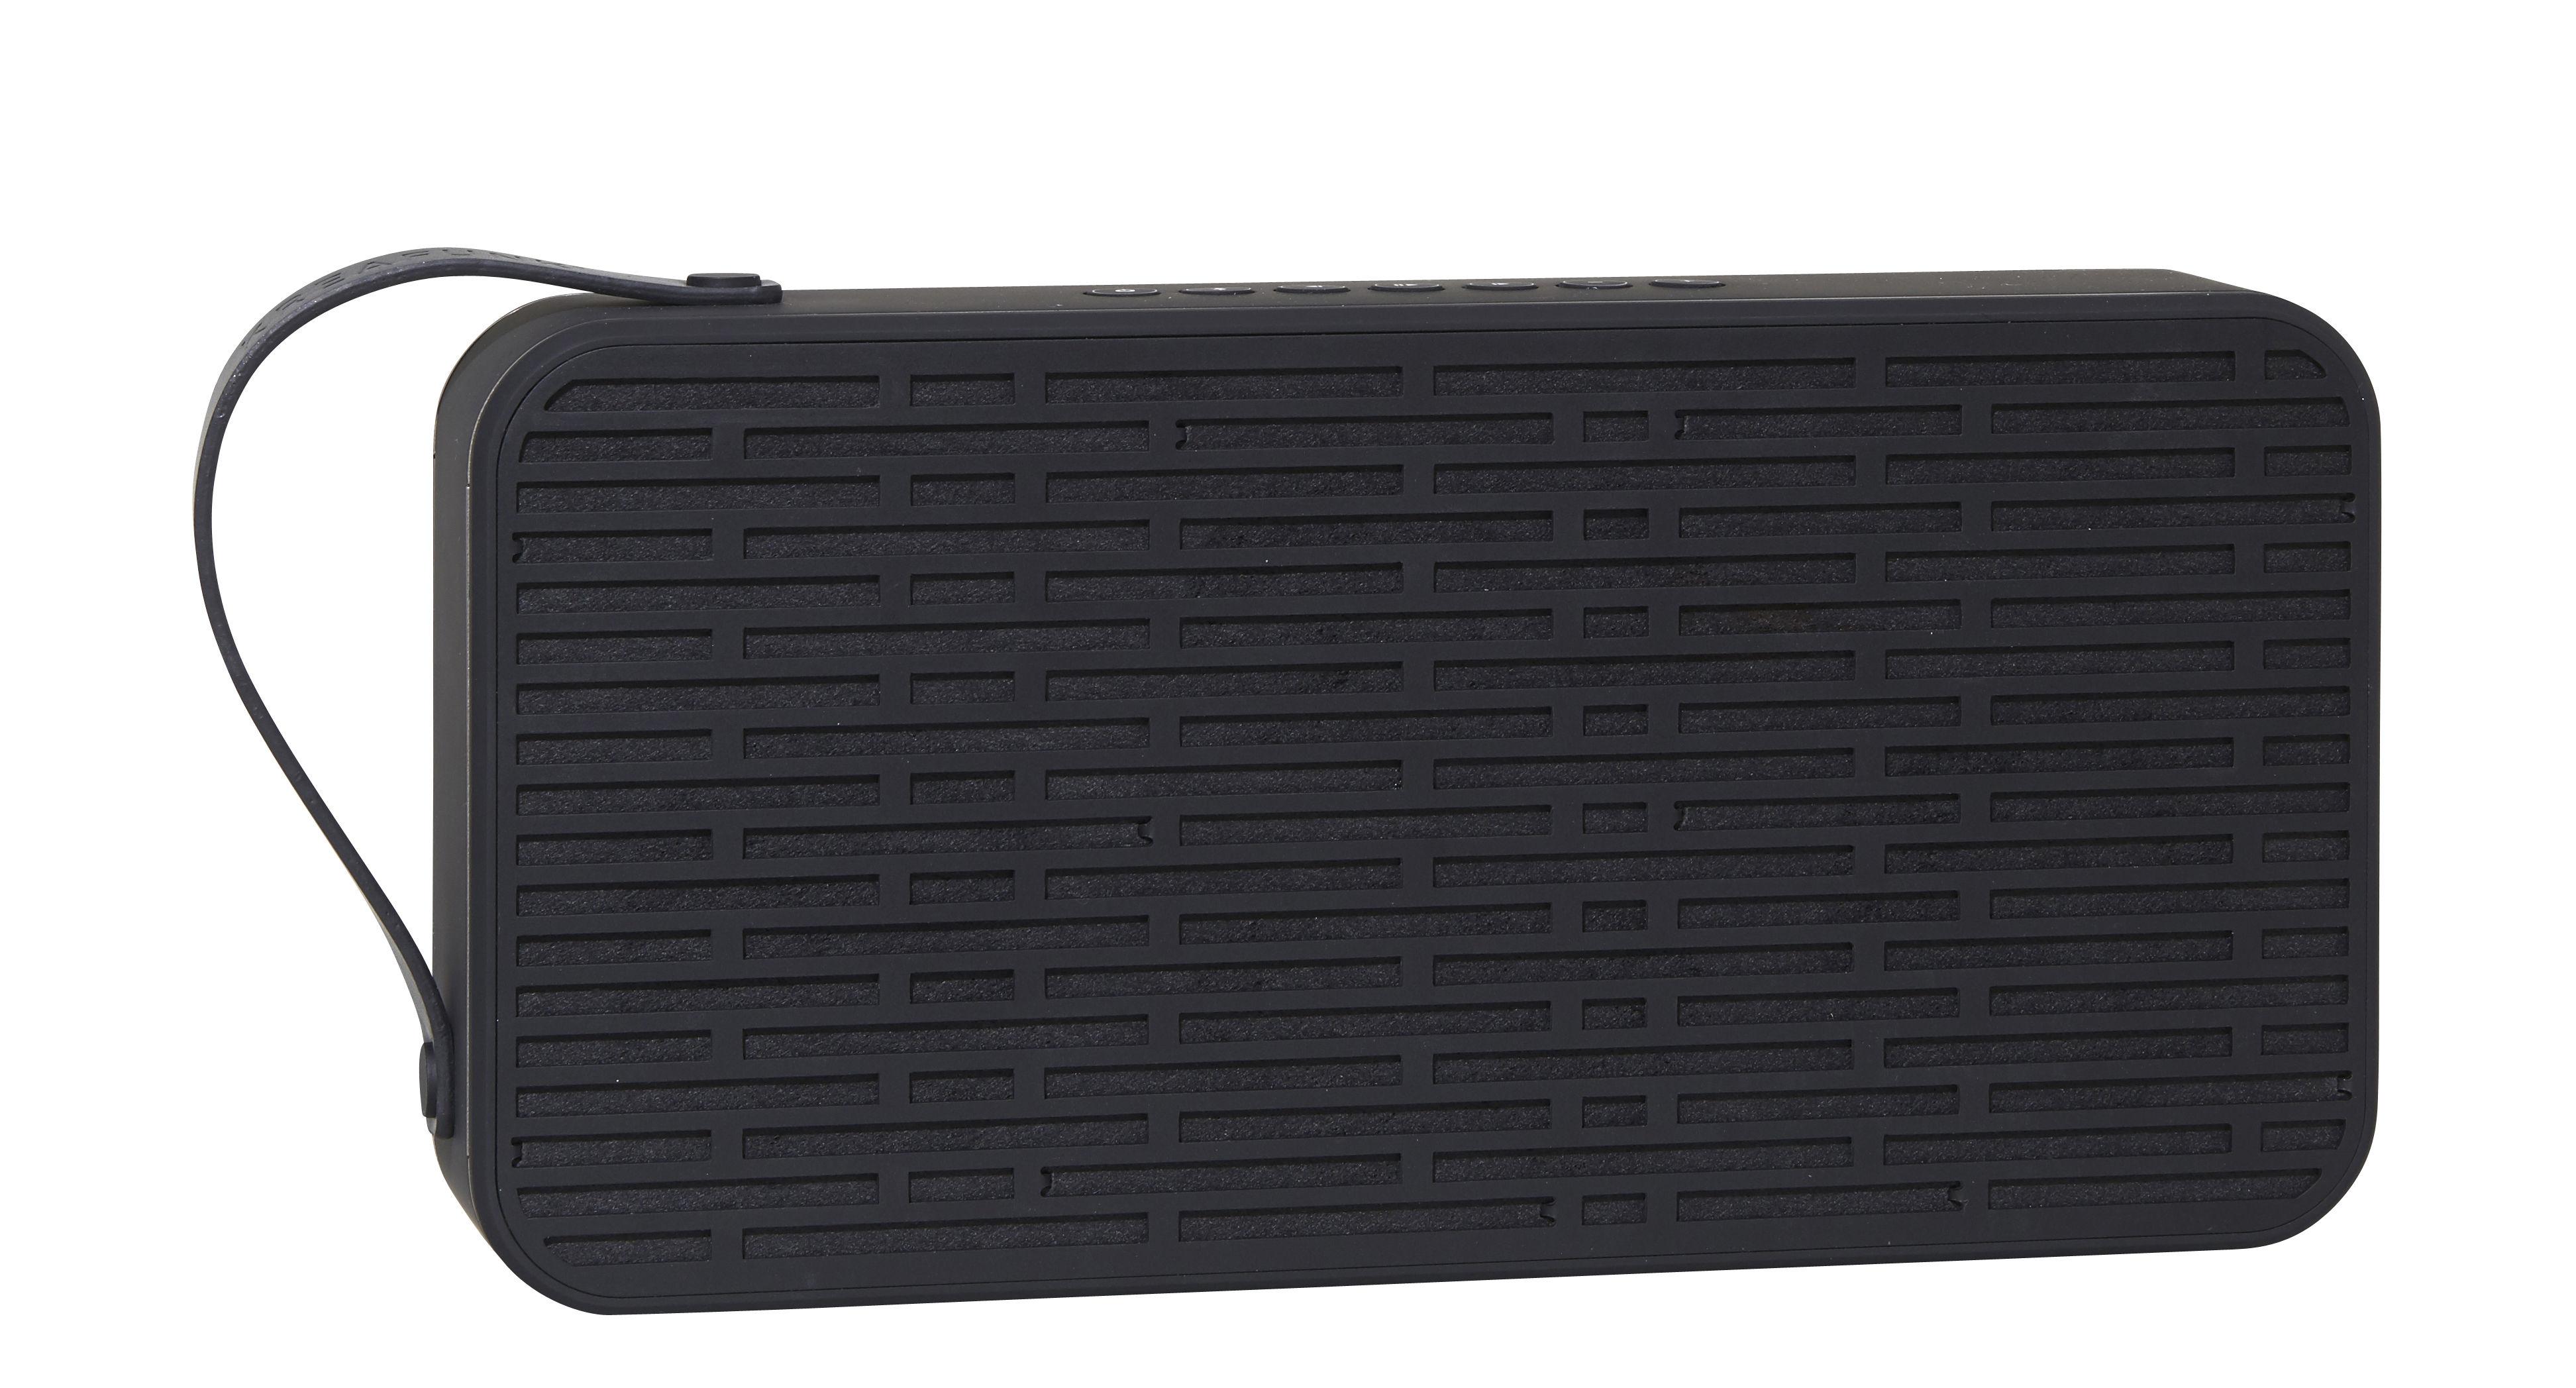 Accessoires - Enceintes audio & son - Enceinte Bluetooth aSound / Portable sans fil - Kreafunk - Noir -